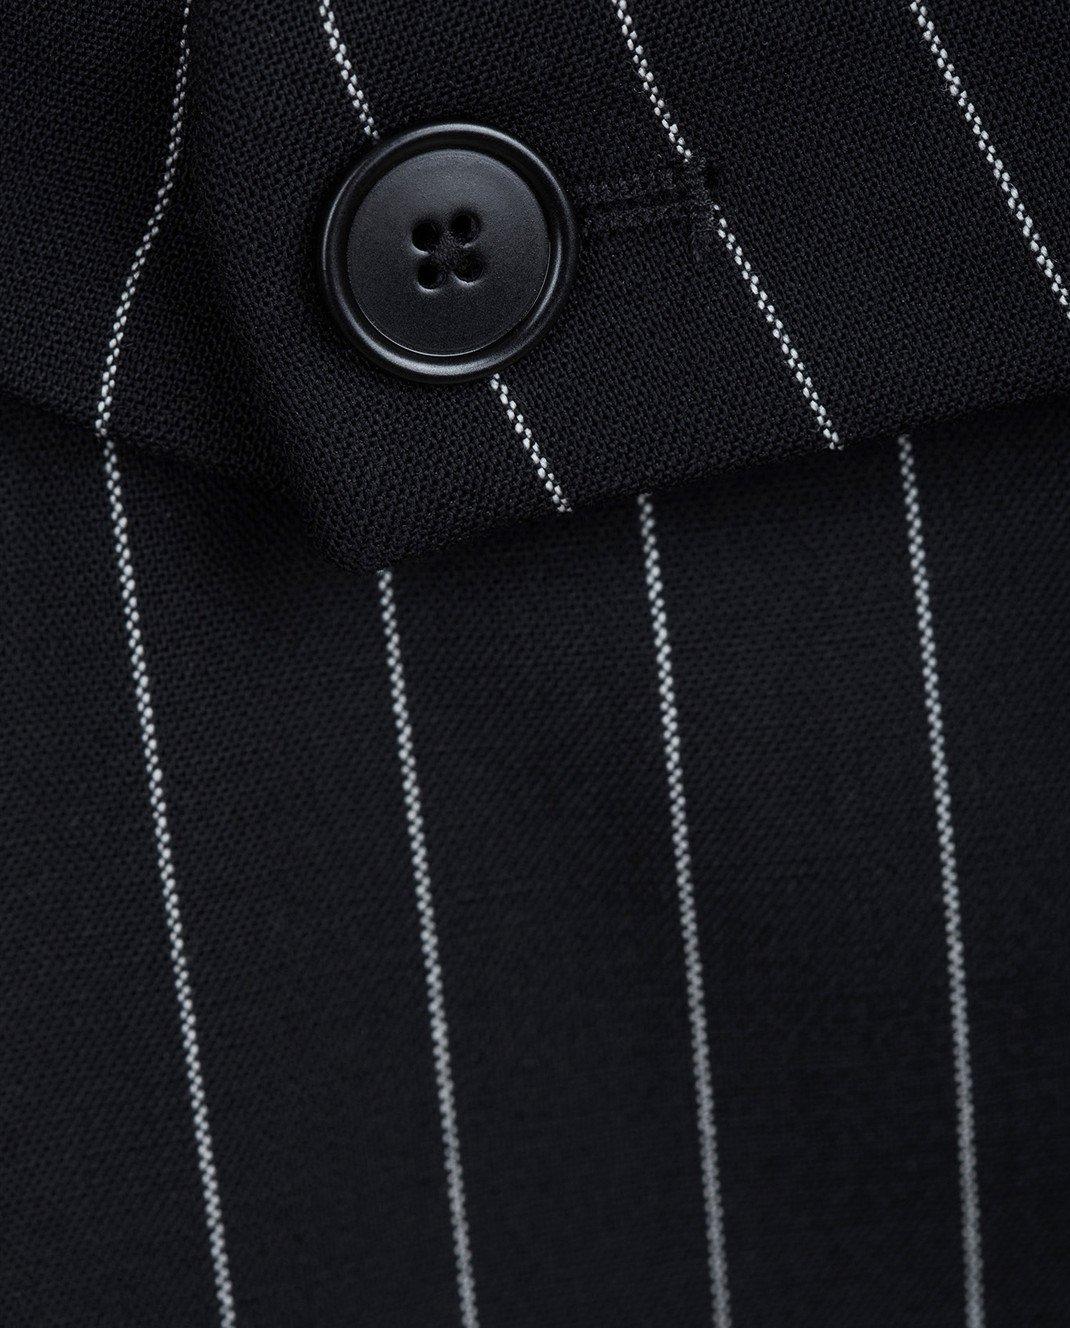 Balenciaga Черная юбка 471020 изображение 5